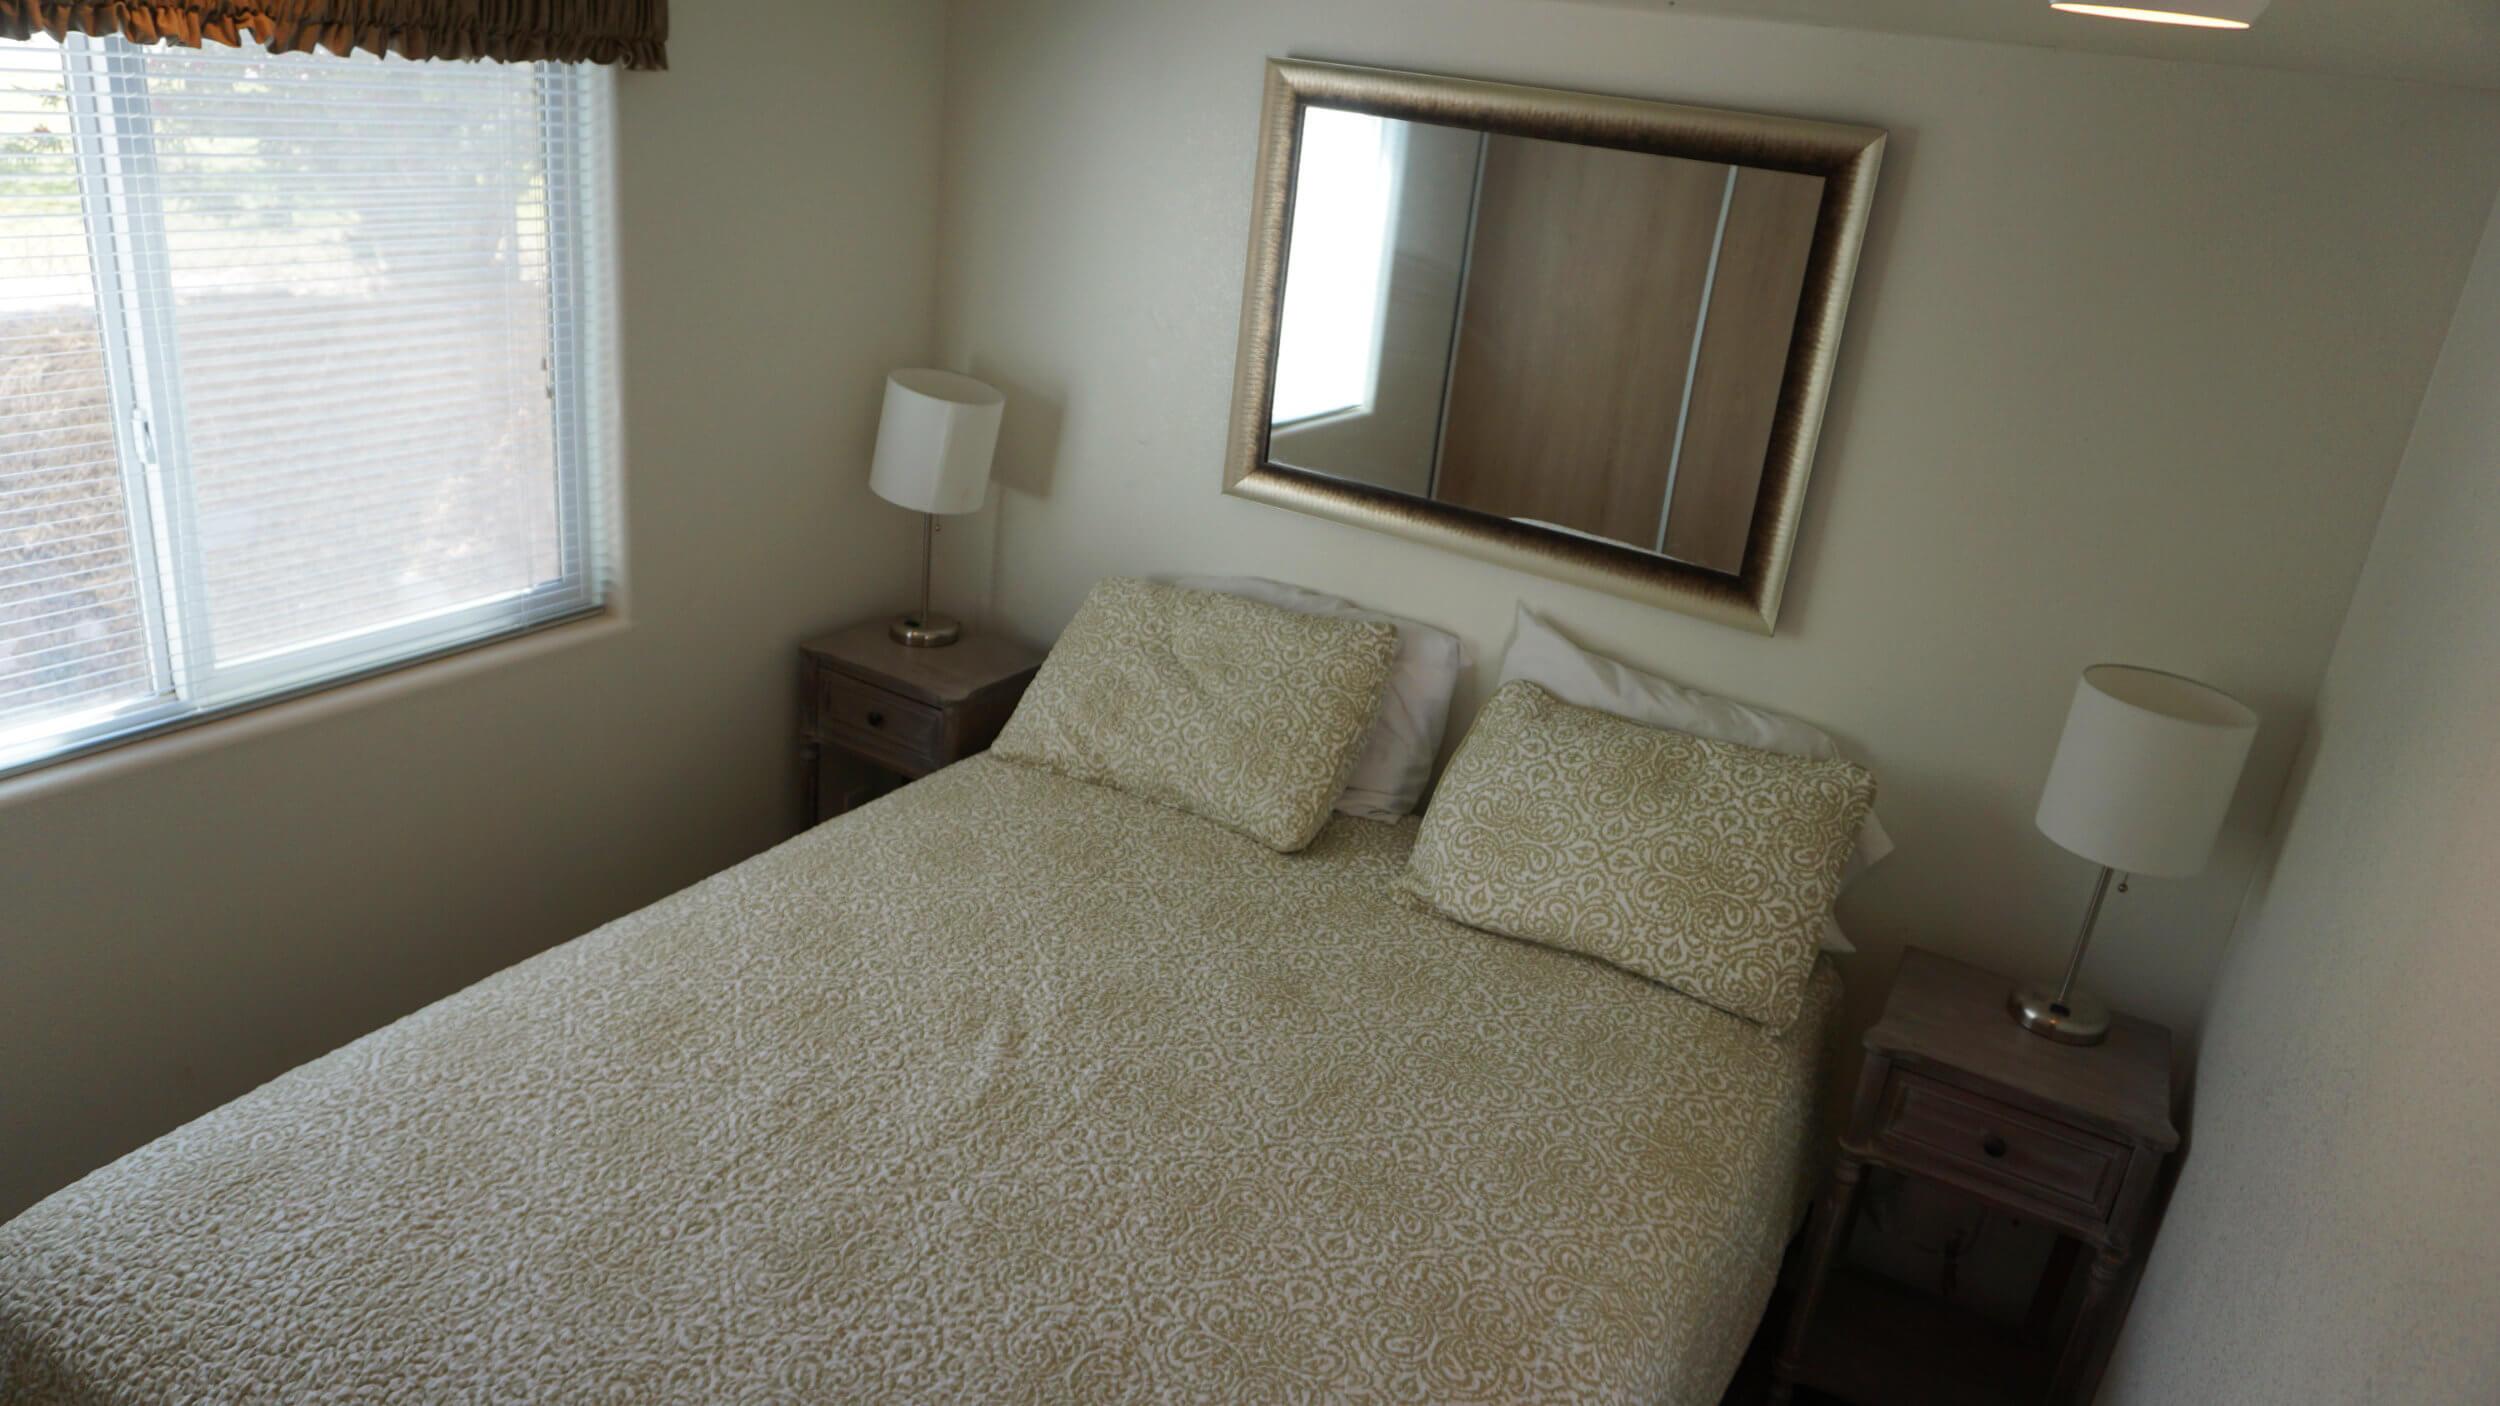 bedroom-standard-rental.jpg